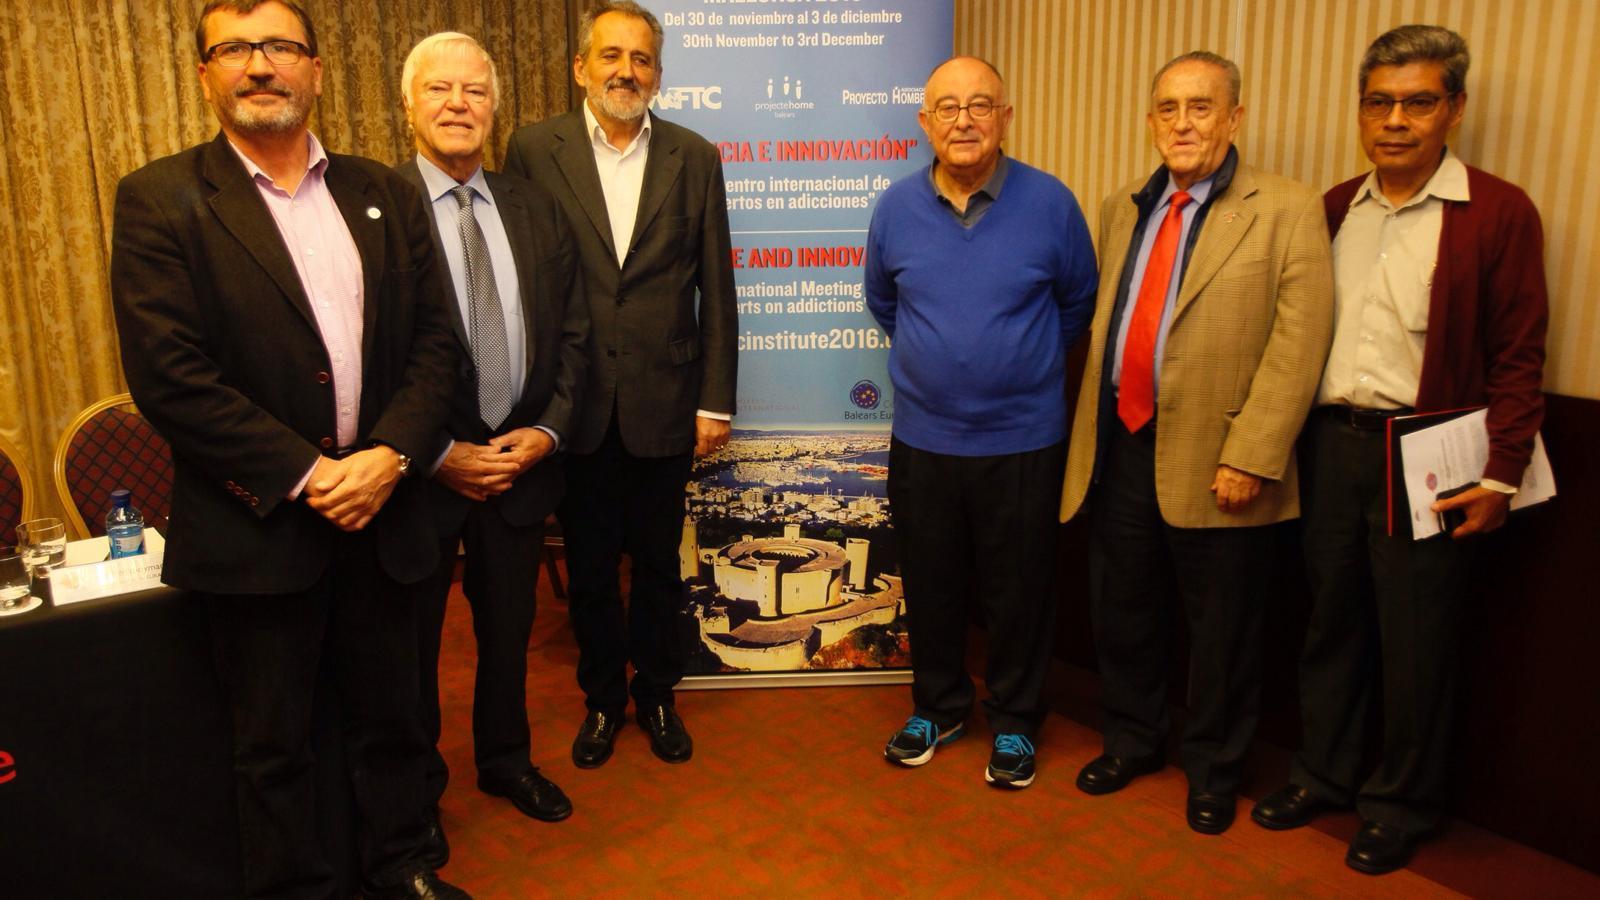 Jesús Mullor, Martien Kooyman, Luis Bononato, Tomeu Català, Gabriel Mejía y Lino Salas.